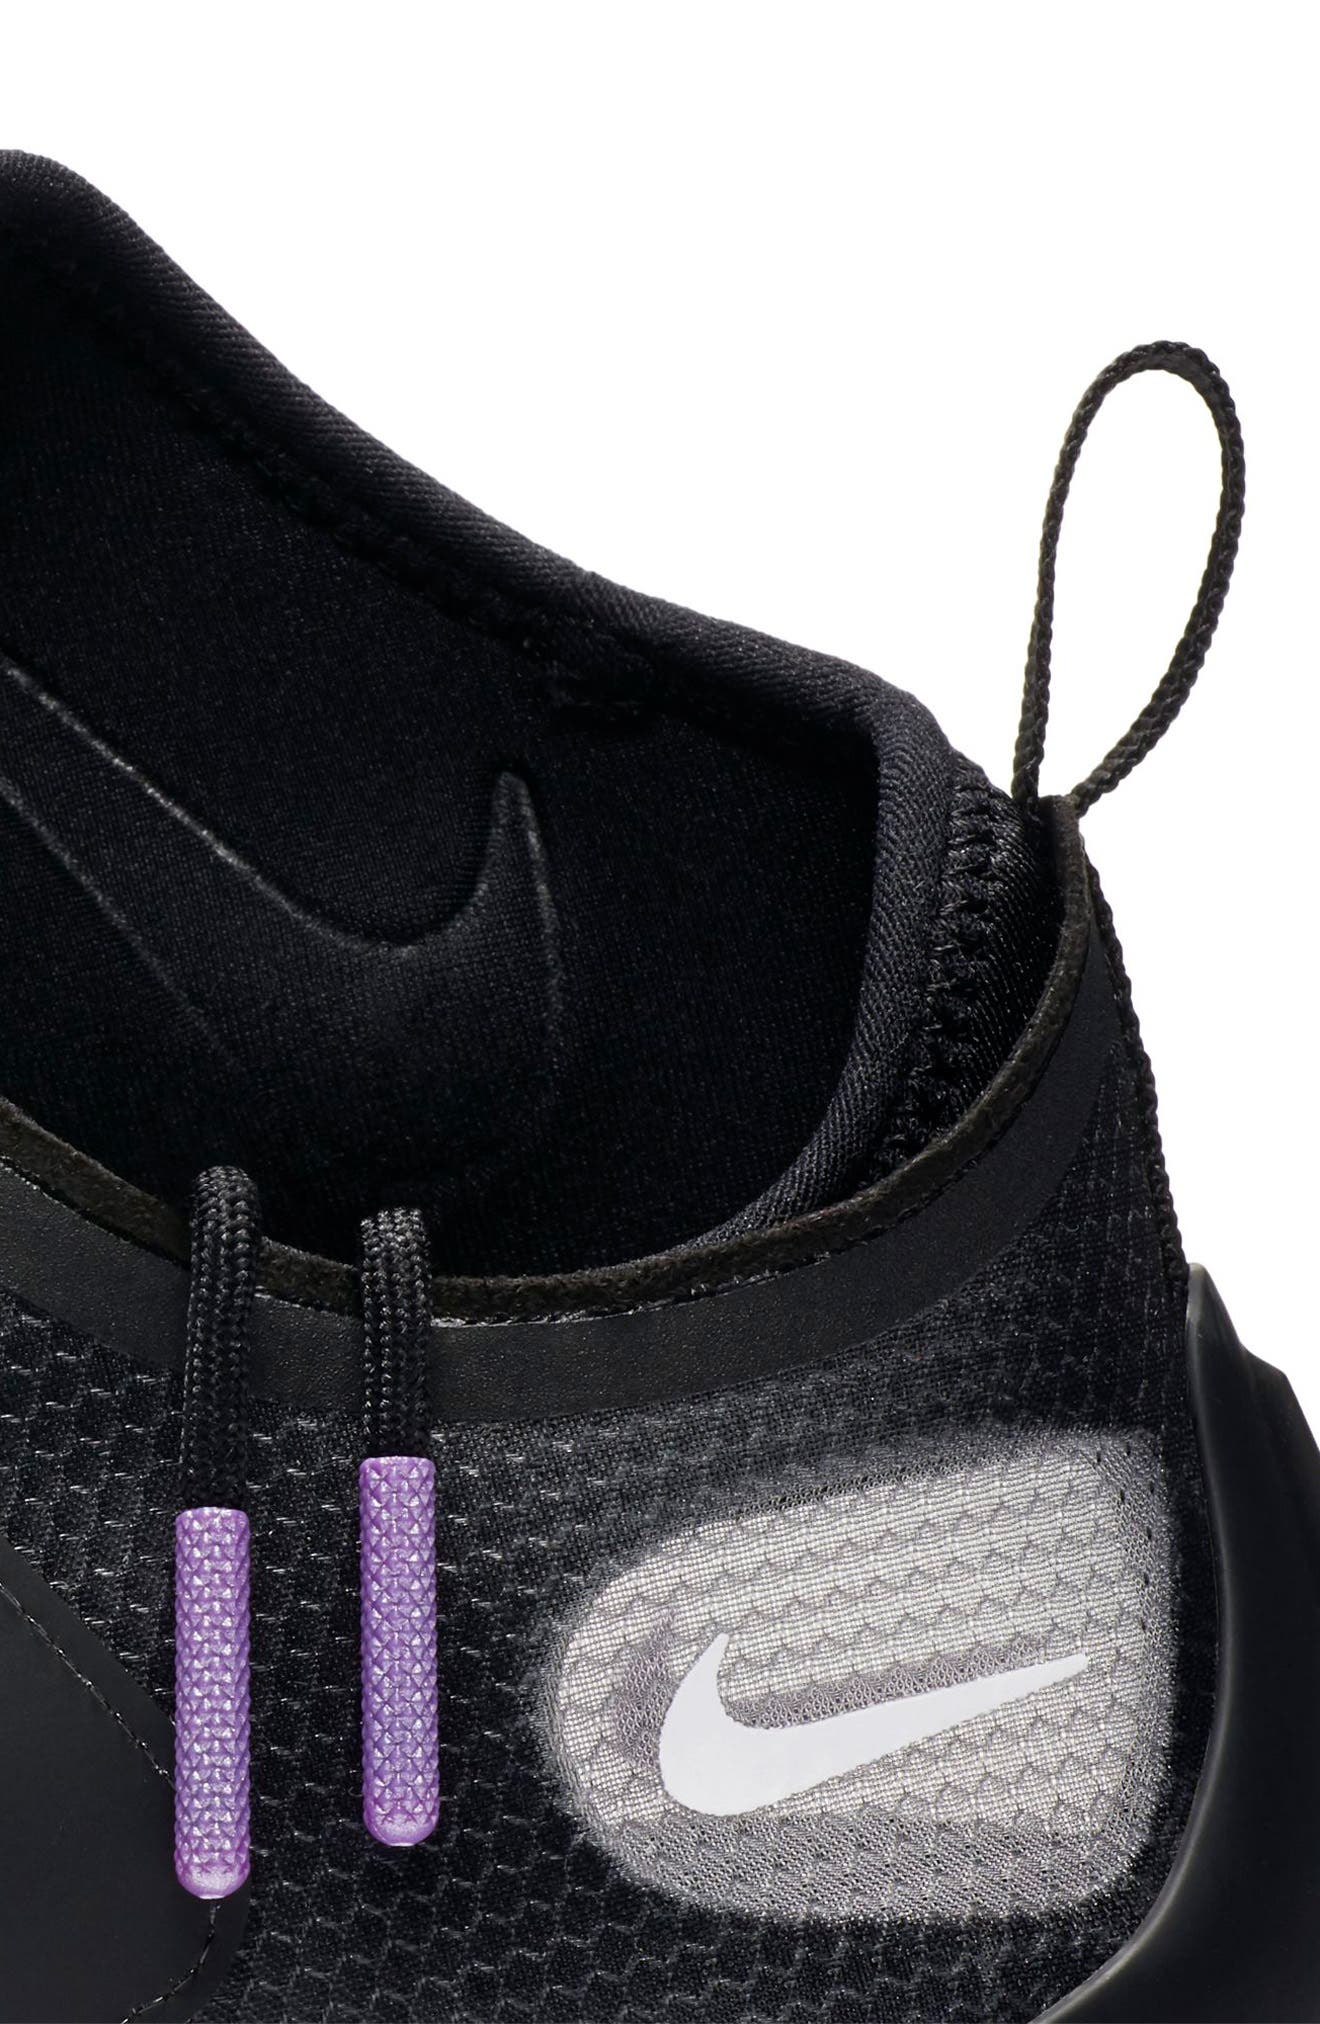 Zoom Pegasus Turbo XX Running Shoe,                             Alternate thumbnail 7, color,                             BLACK/ BLACK/ WHITE